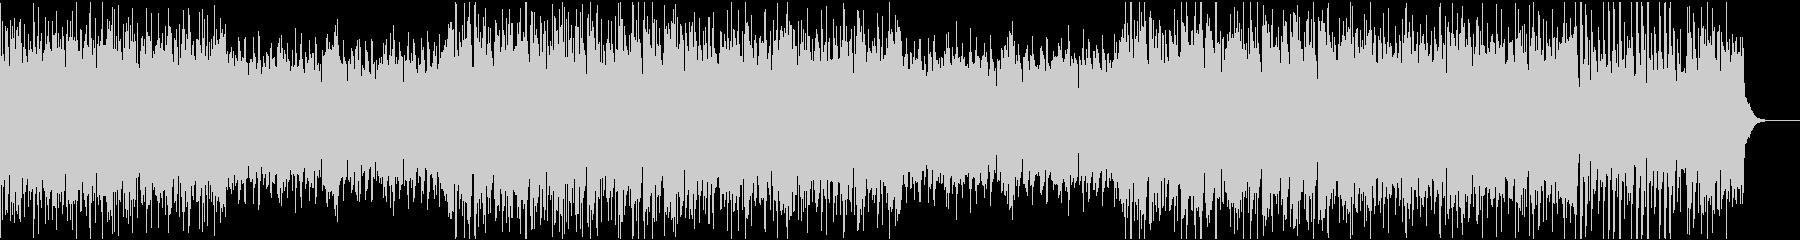 ダーク琴エレクトロ/静かめの未再生の波形